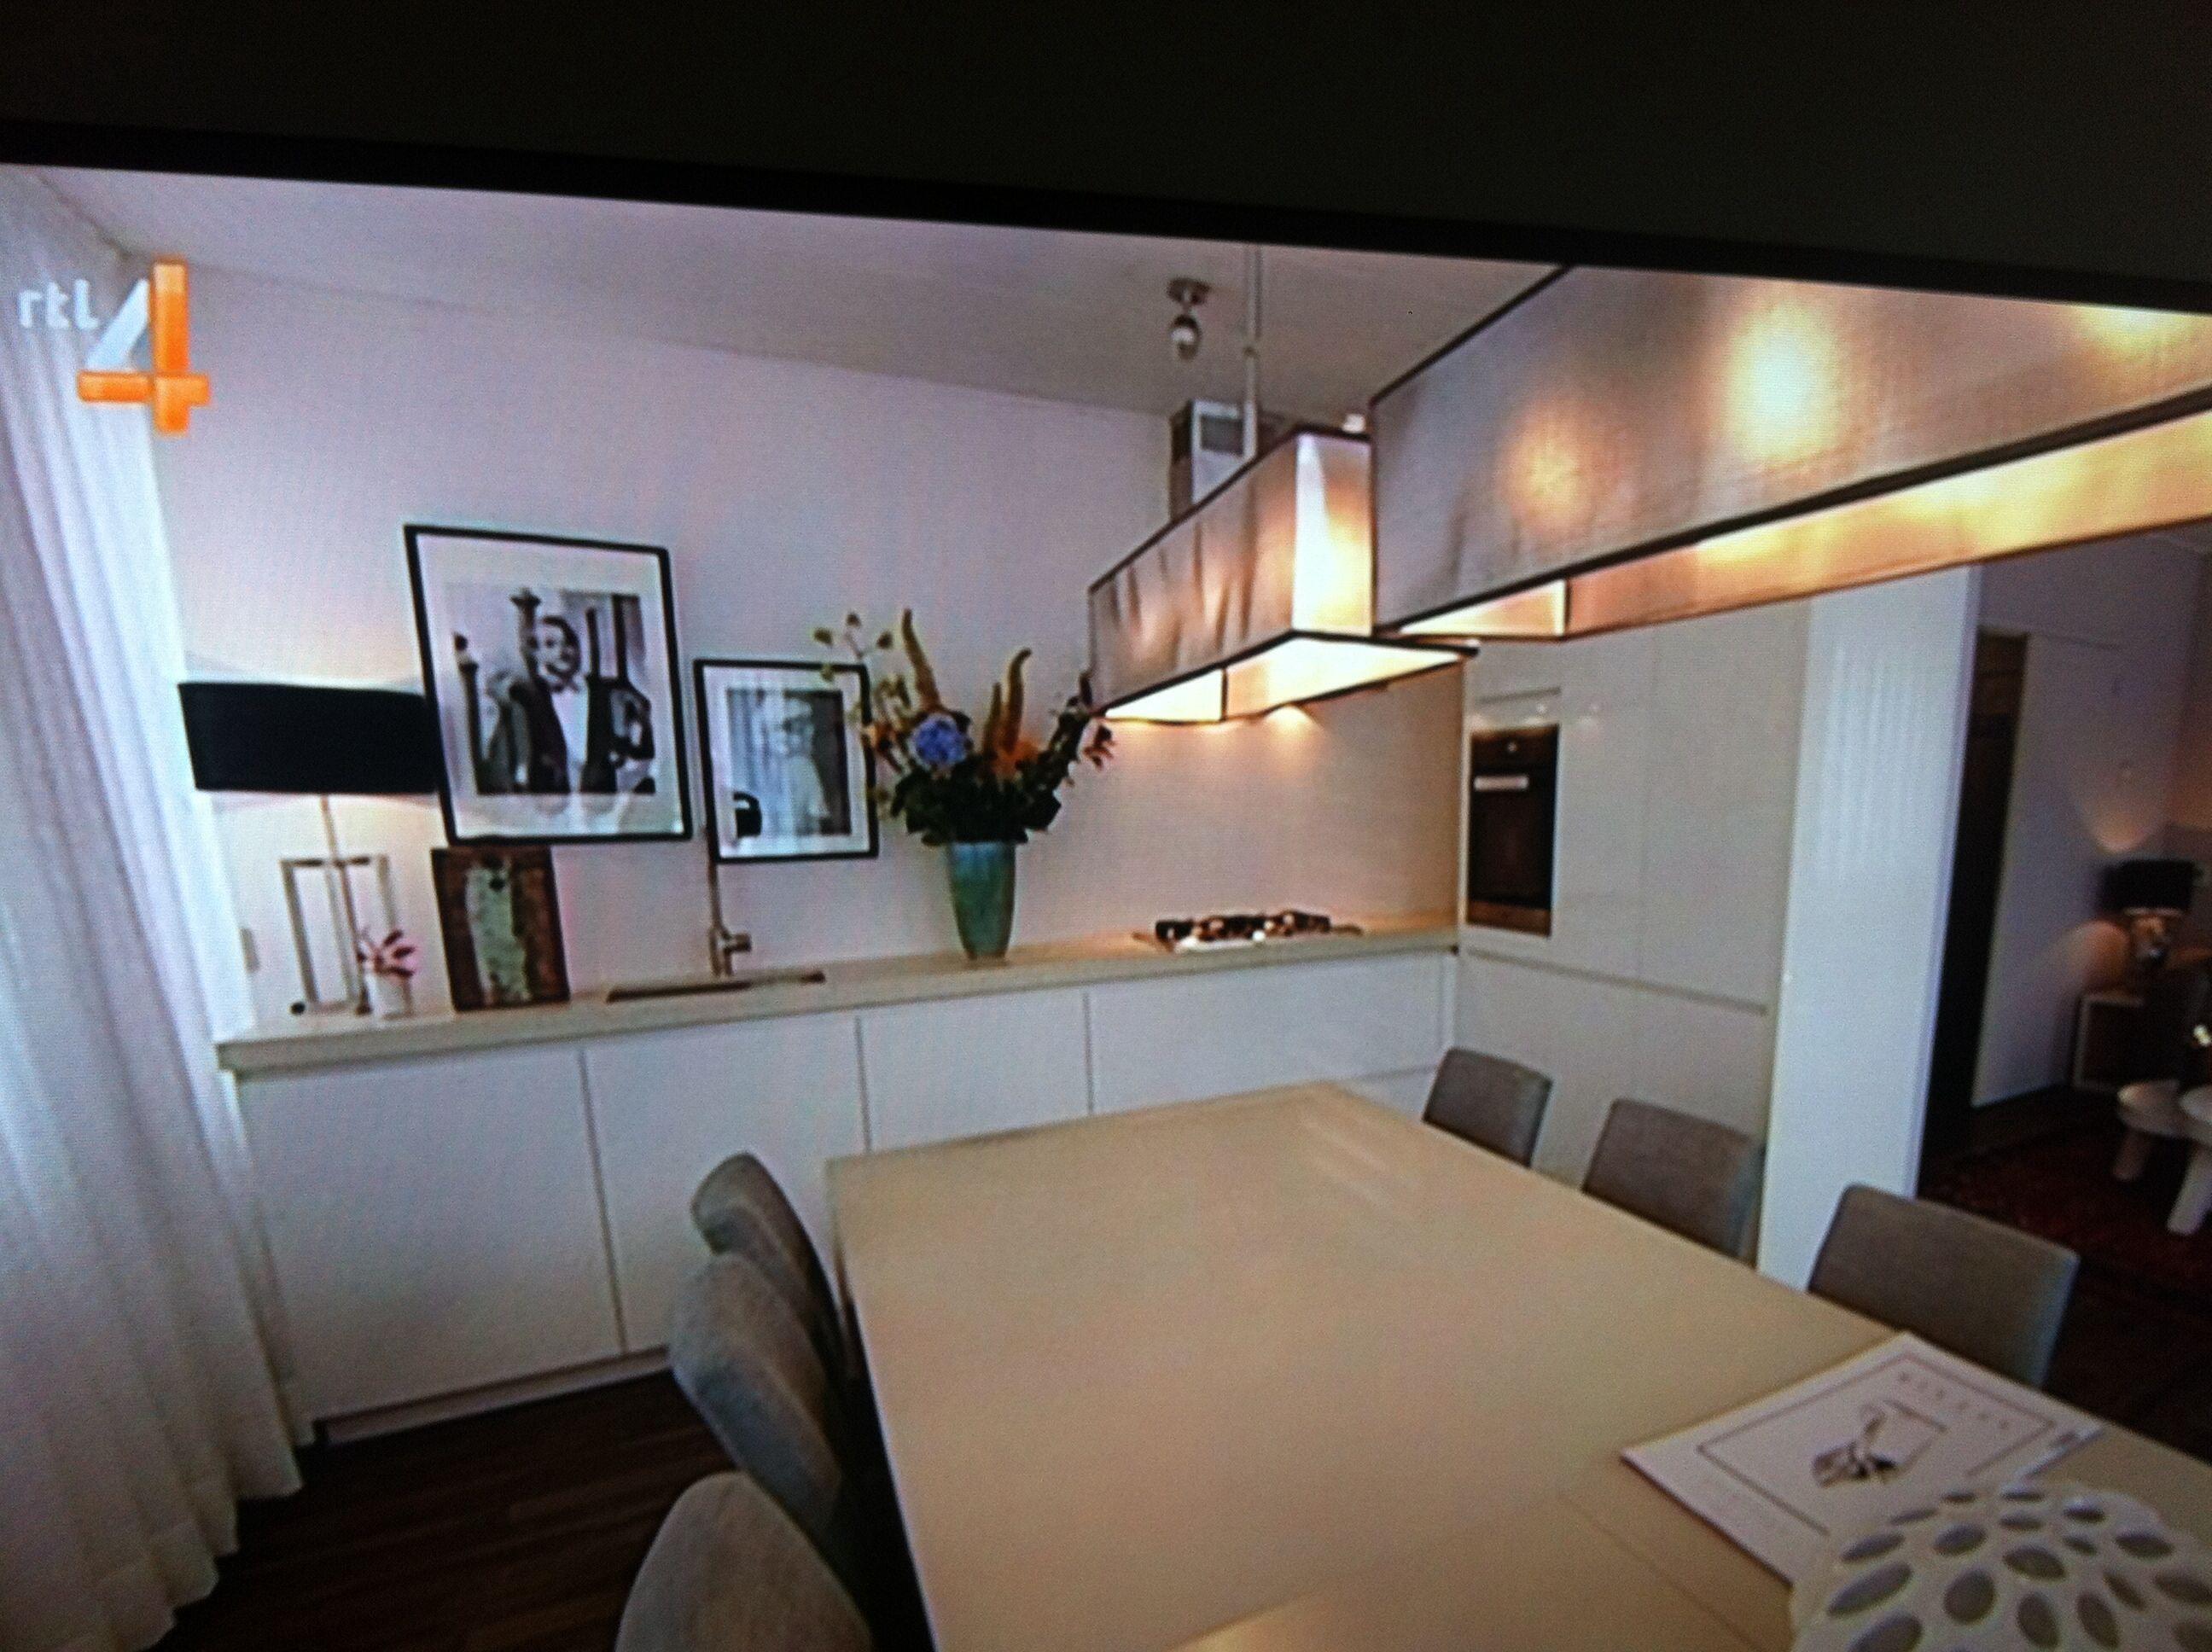 Keuken Open Hoek : Open hoek keuken keuken